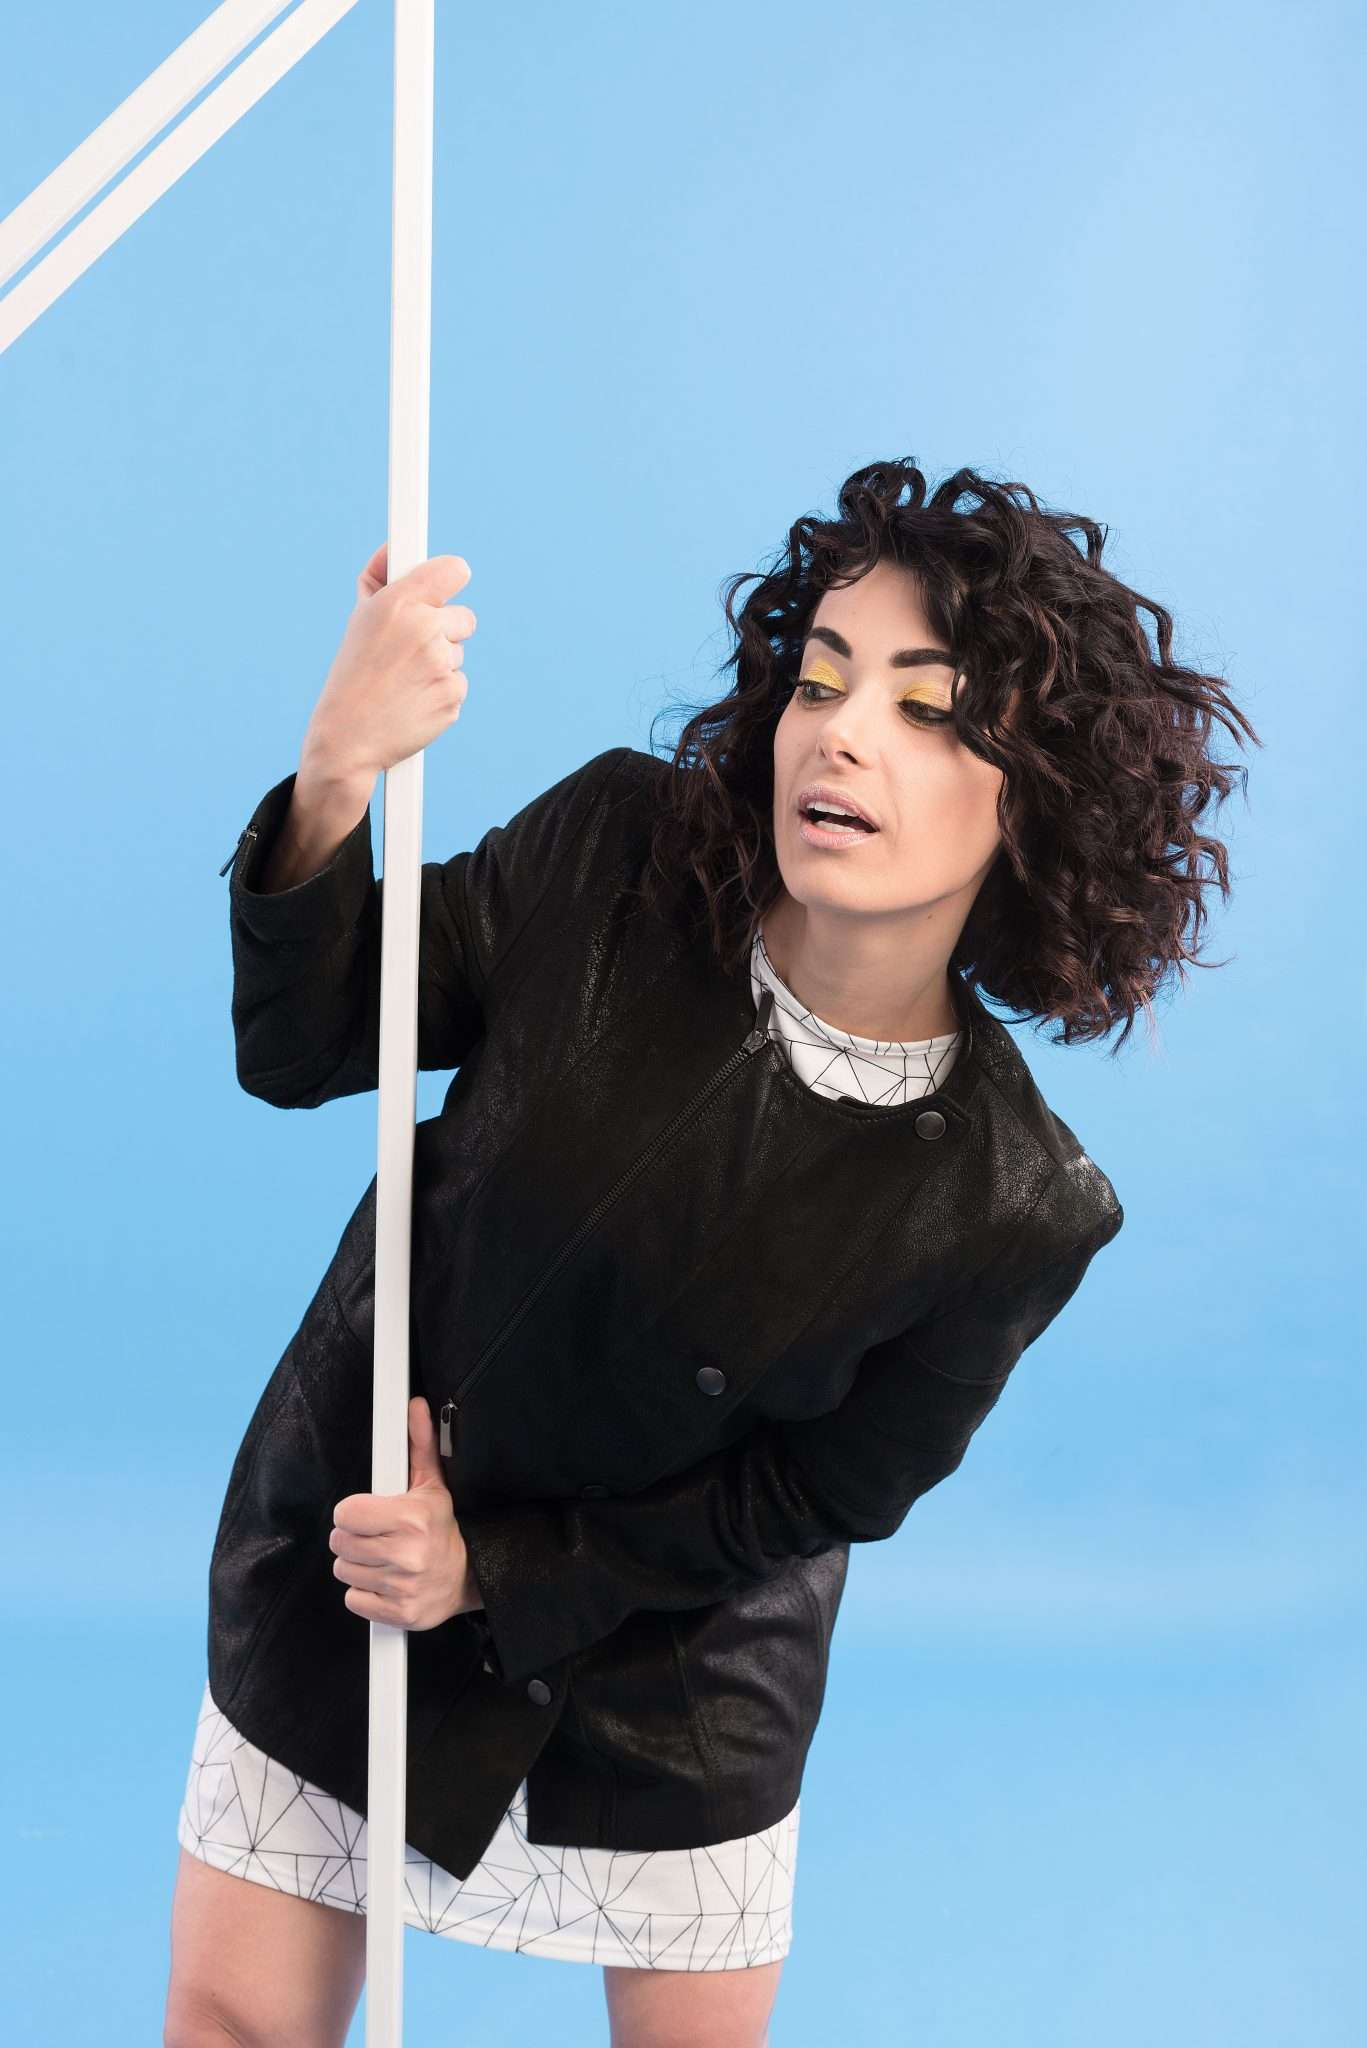 Fotografia ritratto modella curiosa realizzata da Barbara Trincone, fashion photographer con studio a Pozzuoli Napoli che offre servizi fotografici di moda, book per modelli e attori, ritratti glamour, fitness